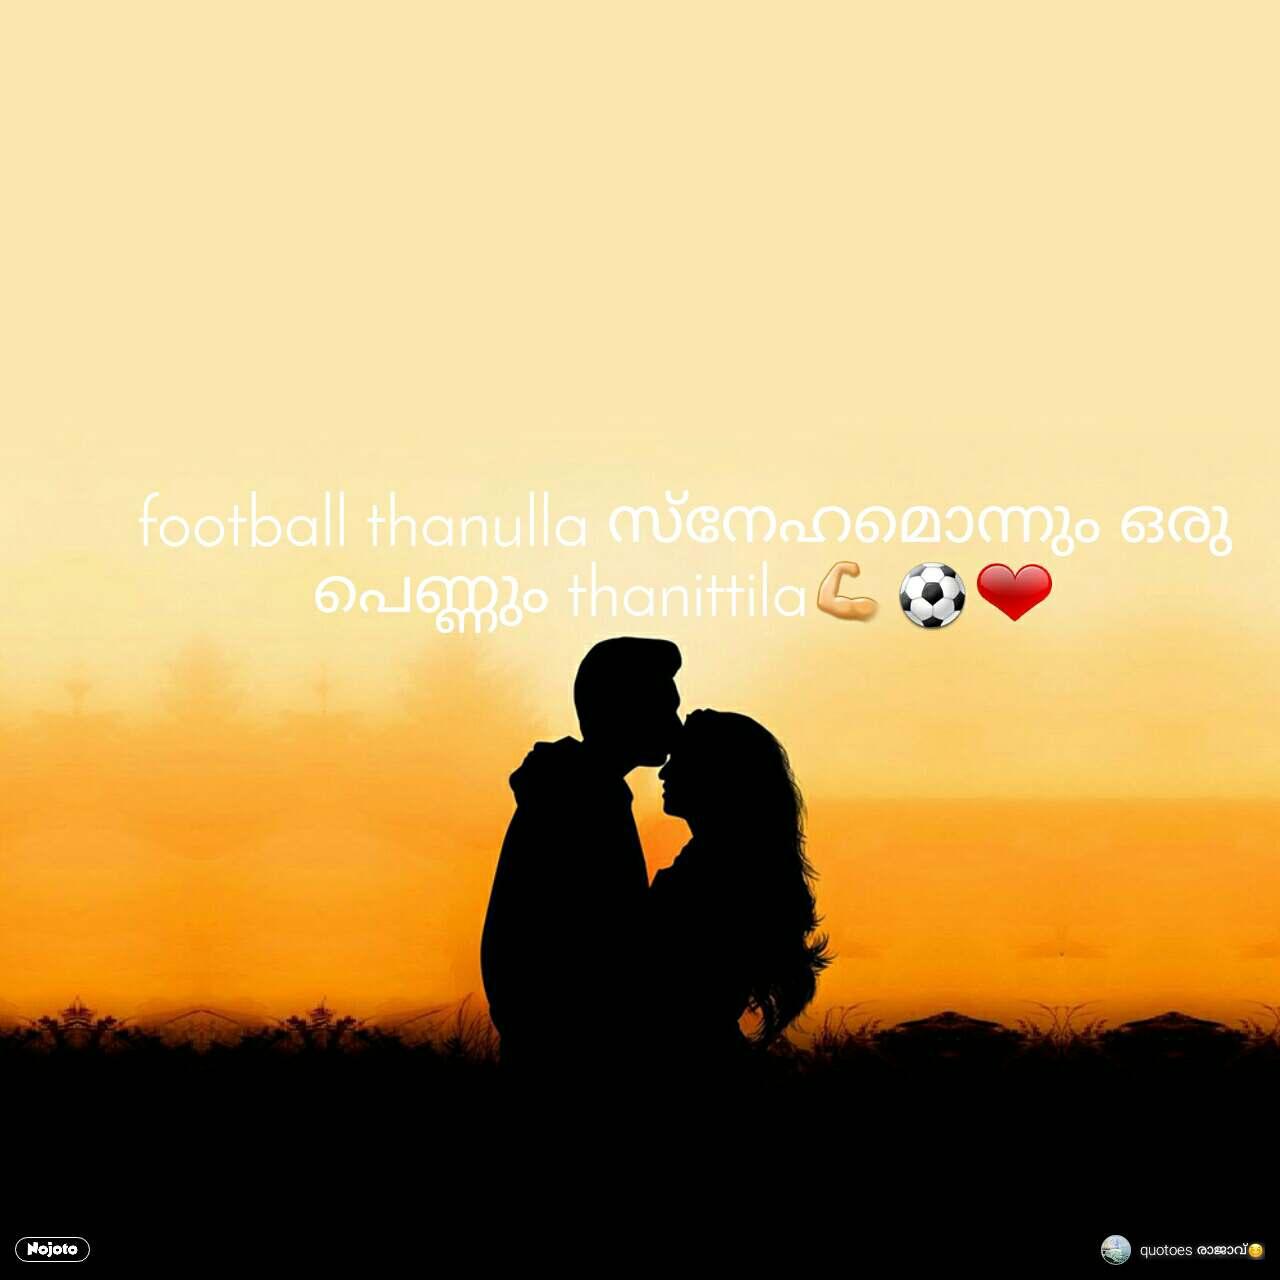 football thanulla സ്നേഹമൊന്നും ഒരു പെണ്ണും thanittila💪⚽❤